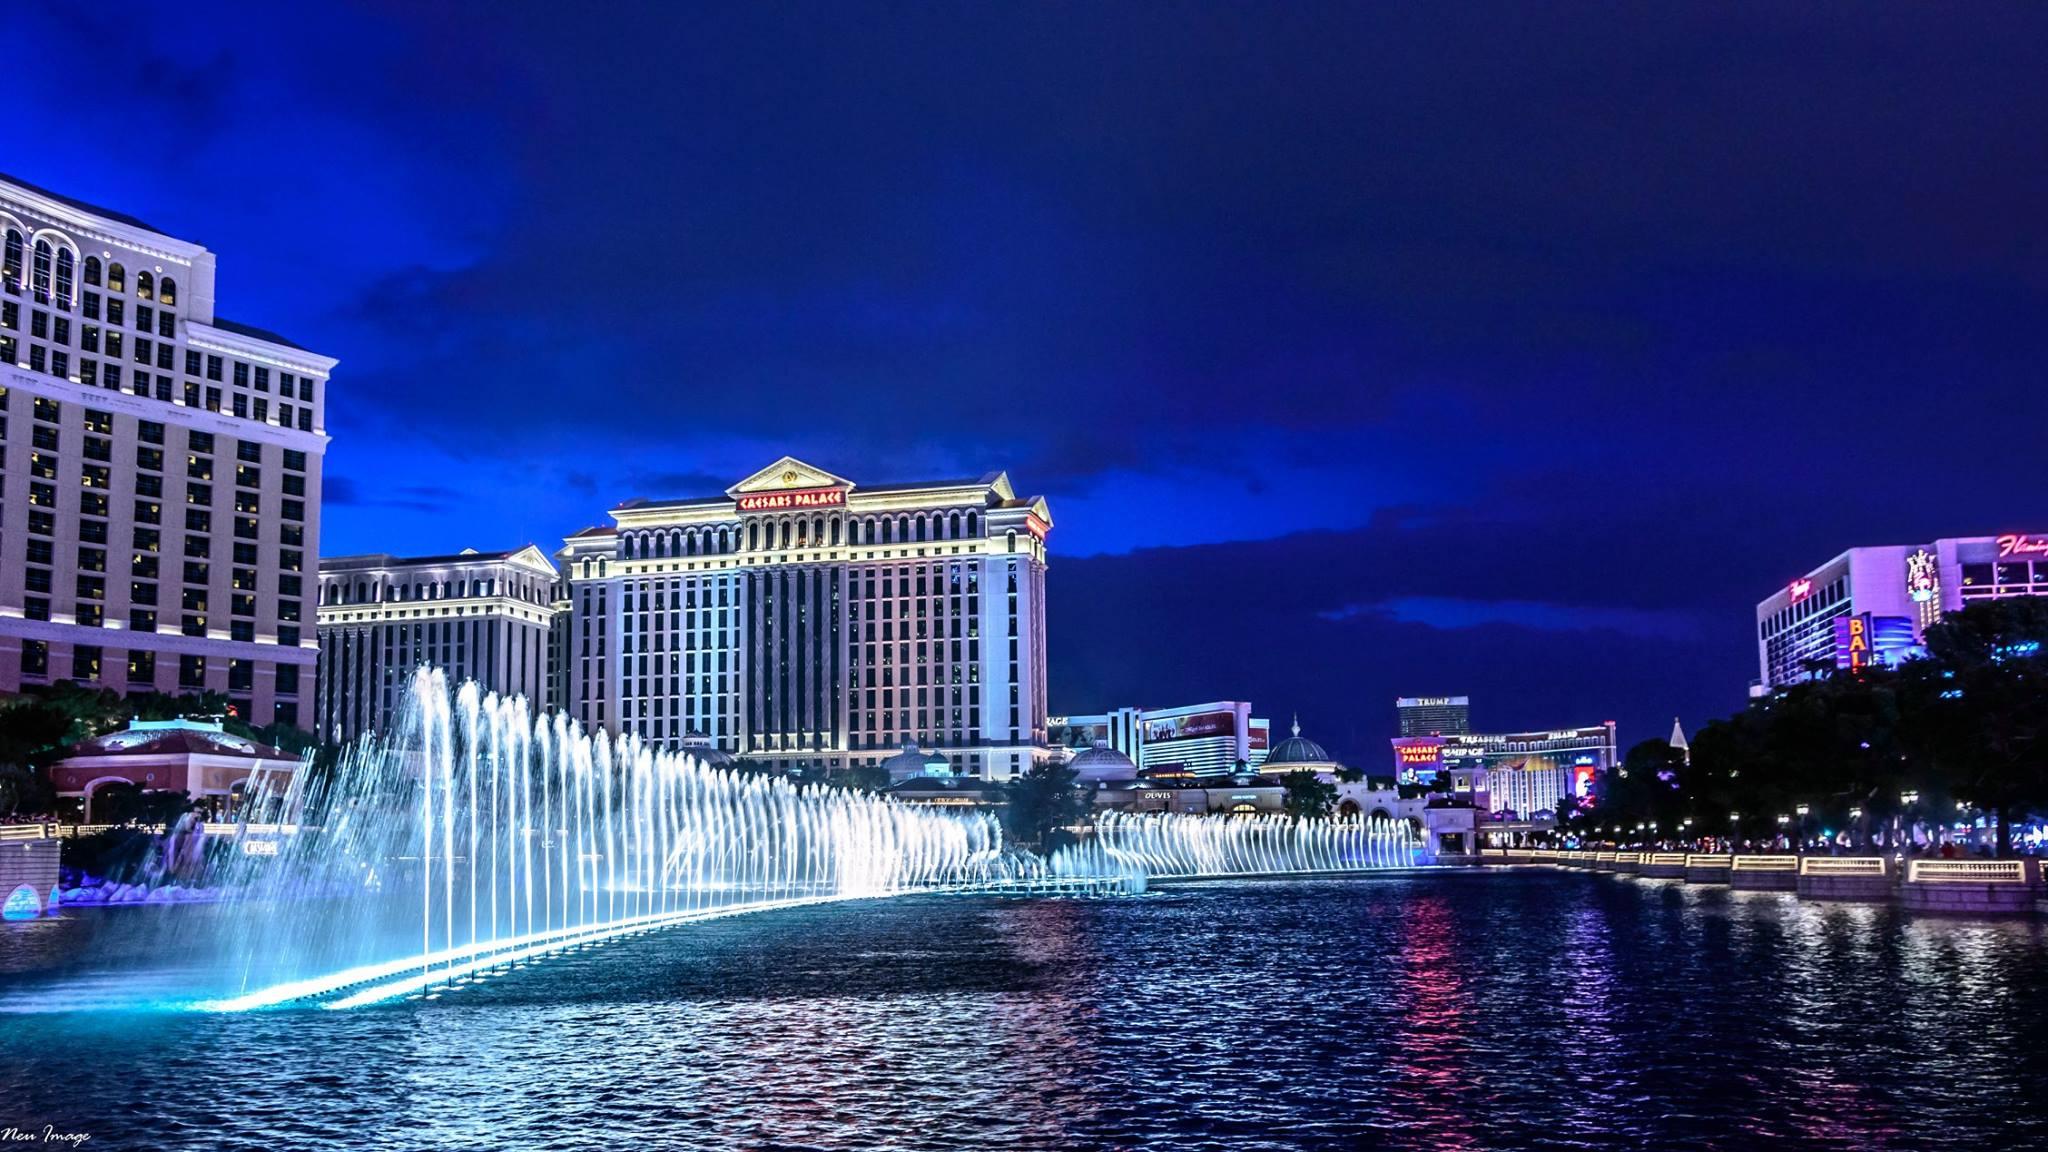 fountains2.jpg